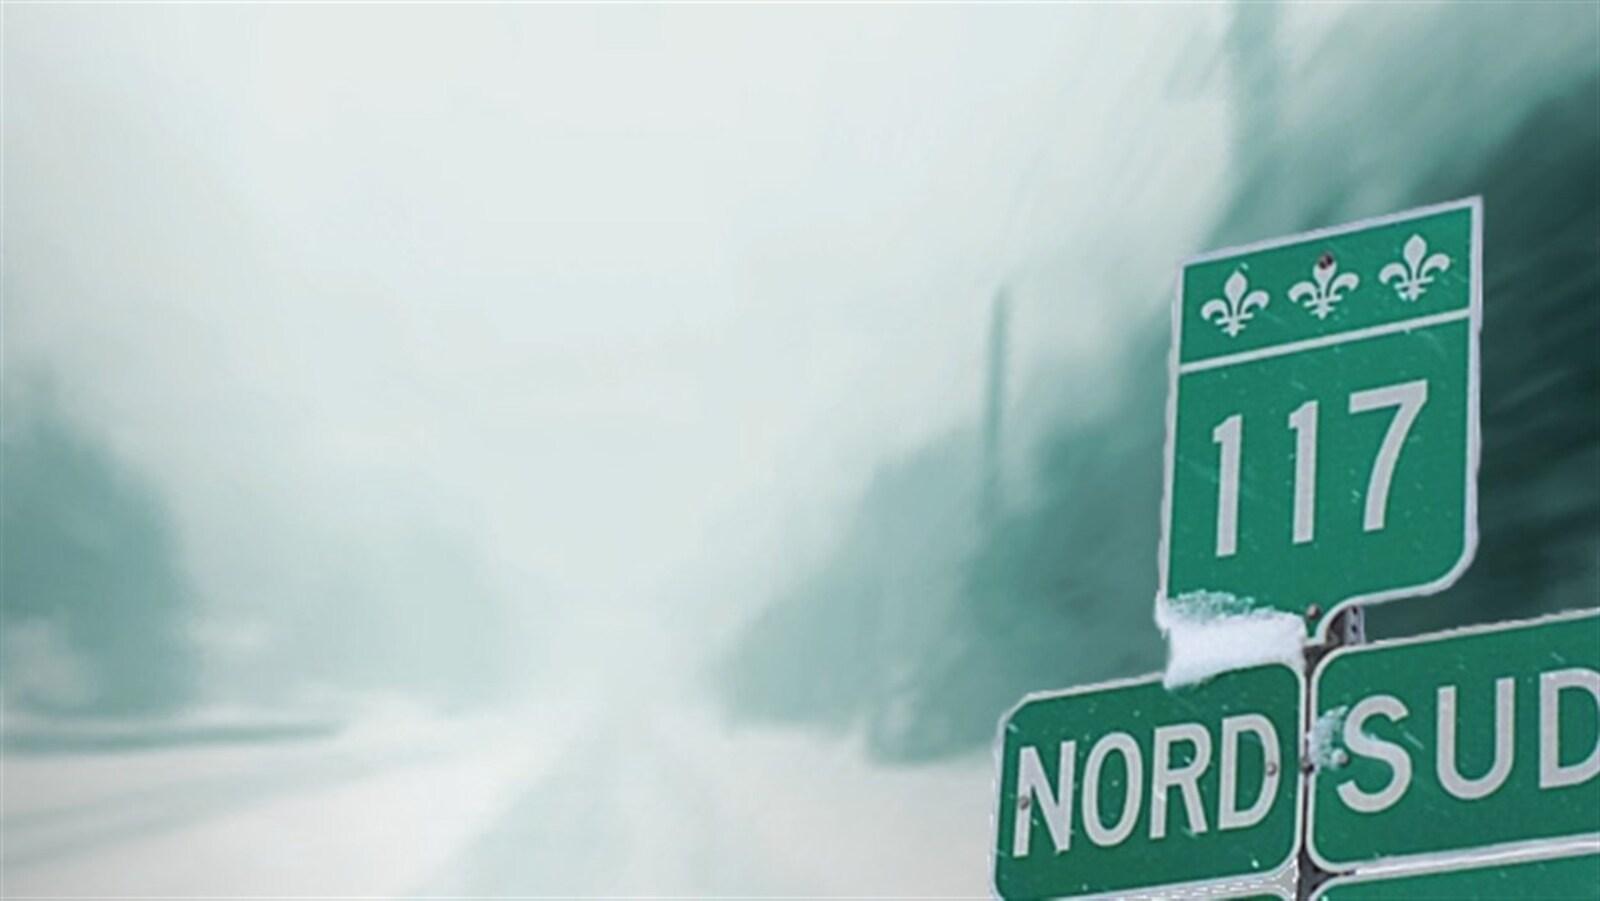 Panneau indicateur de la route 117 devant une route dans le brouillard